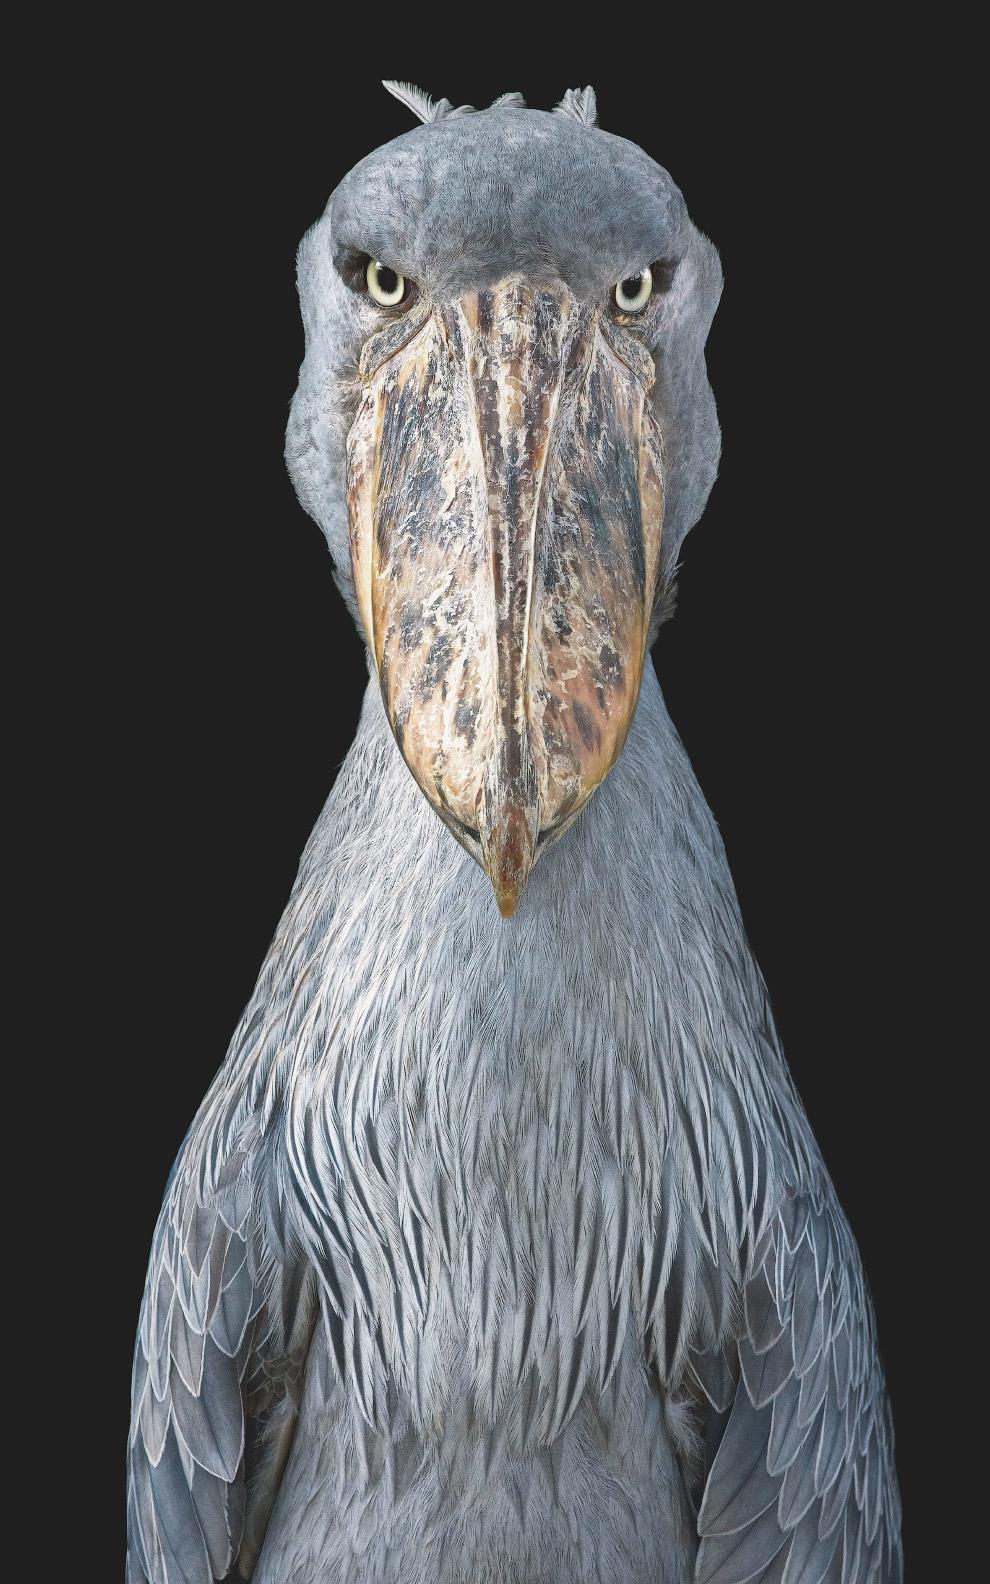 19. Бегемот — одно из крупнейших современных наземных животных. Относится к уязвимым видам. (Фото Ti